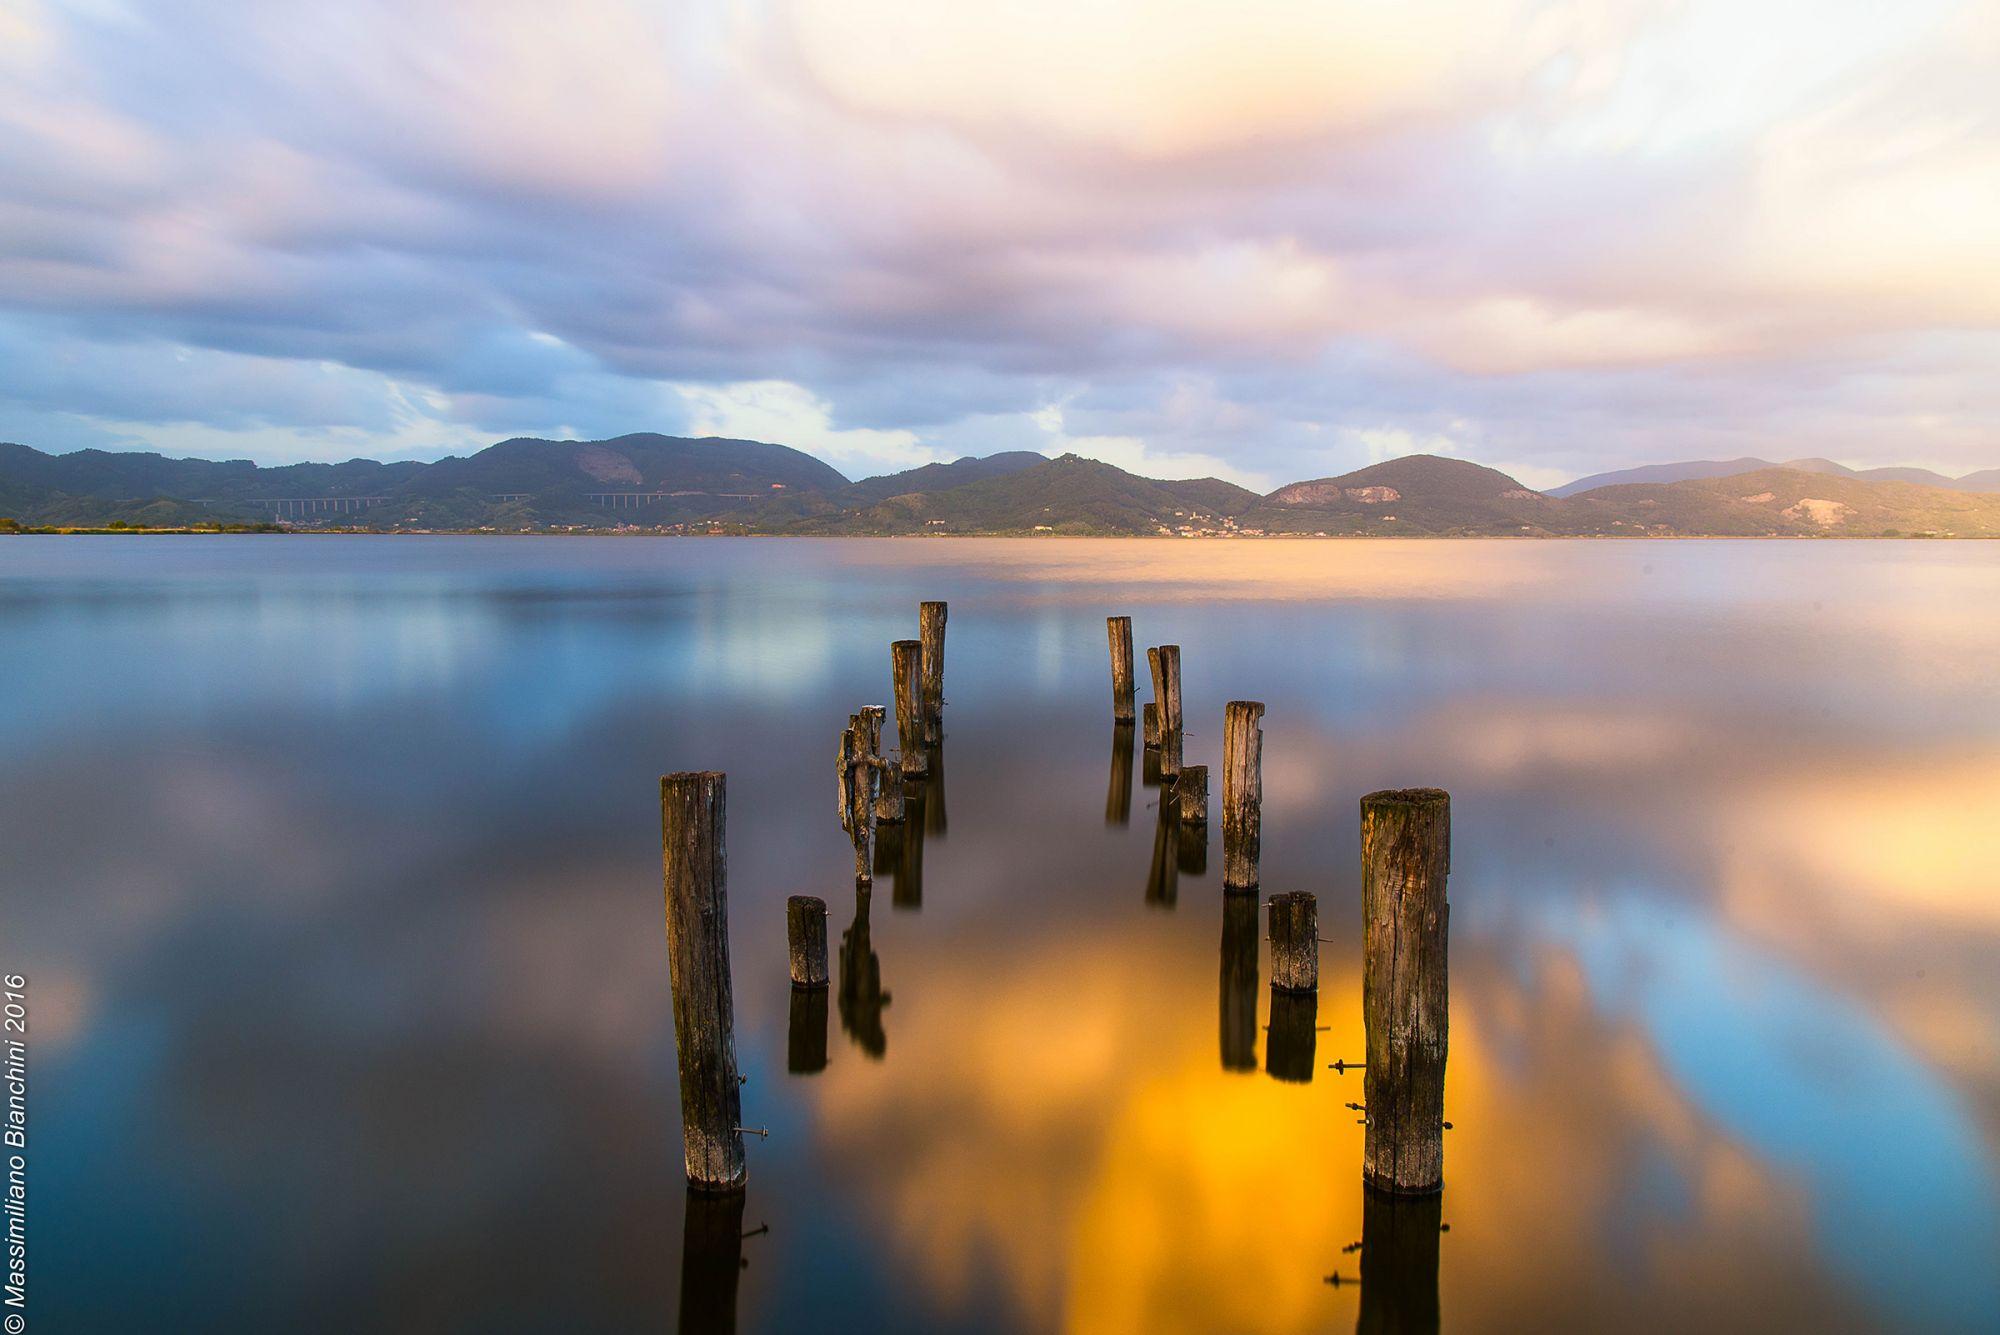 Il lago di Massaciuccoli patrimonio UNESCO, con l'accordo si punta su ambiente e turismo